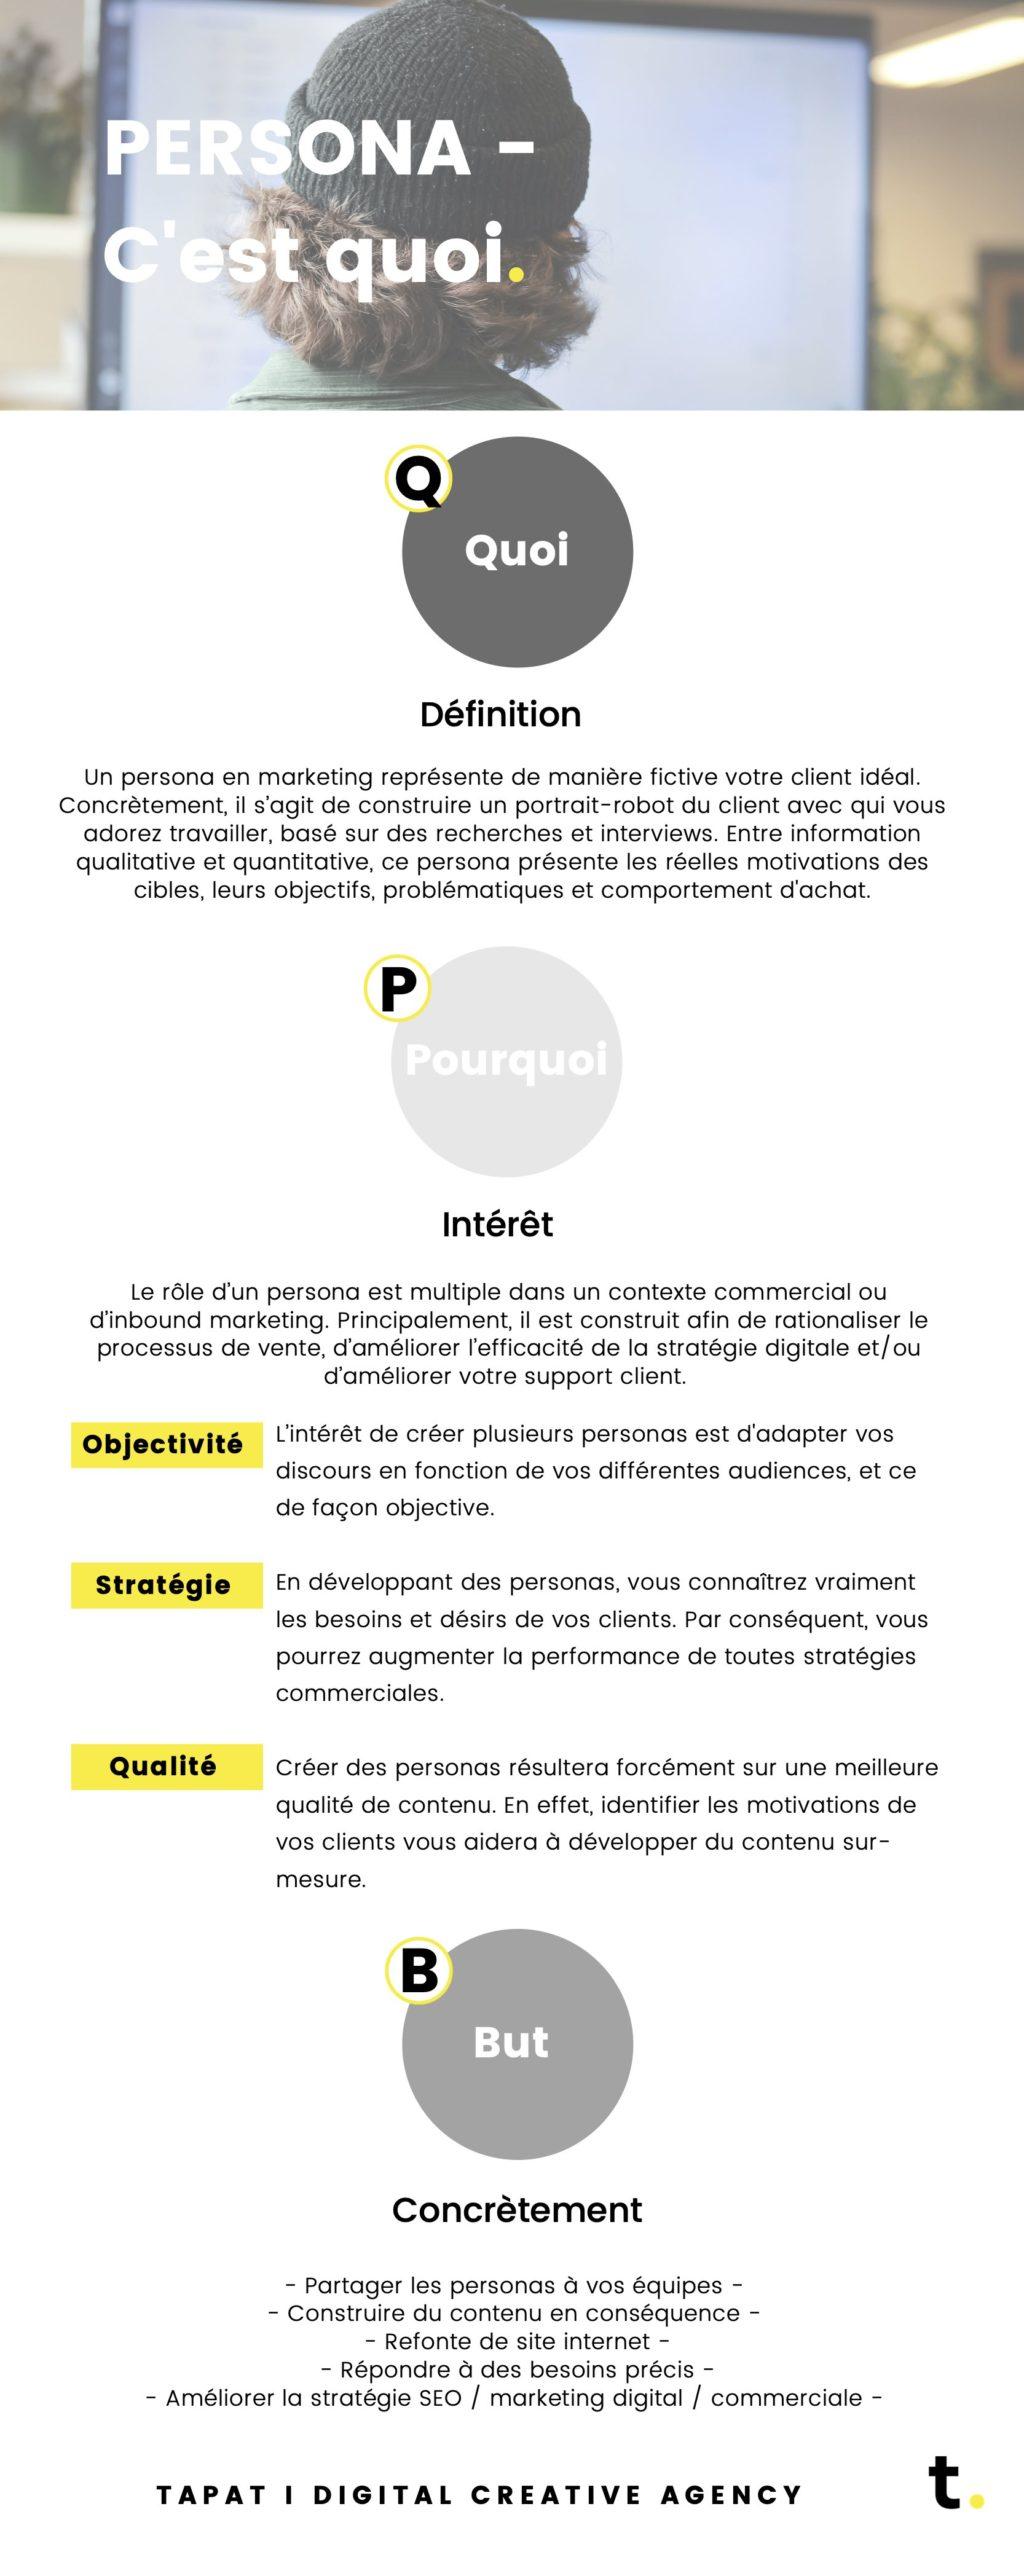 Qu'est ce qu'un persona ? definition / intérêt / concrètement